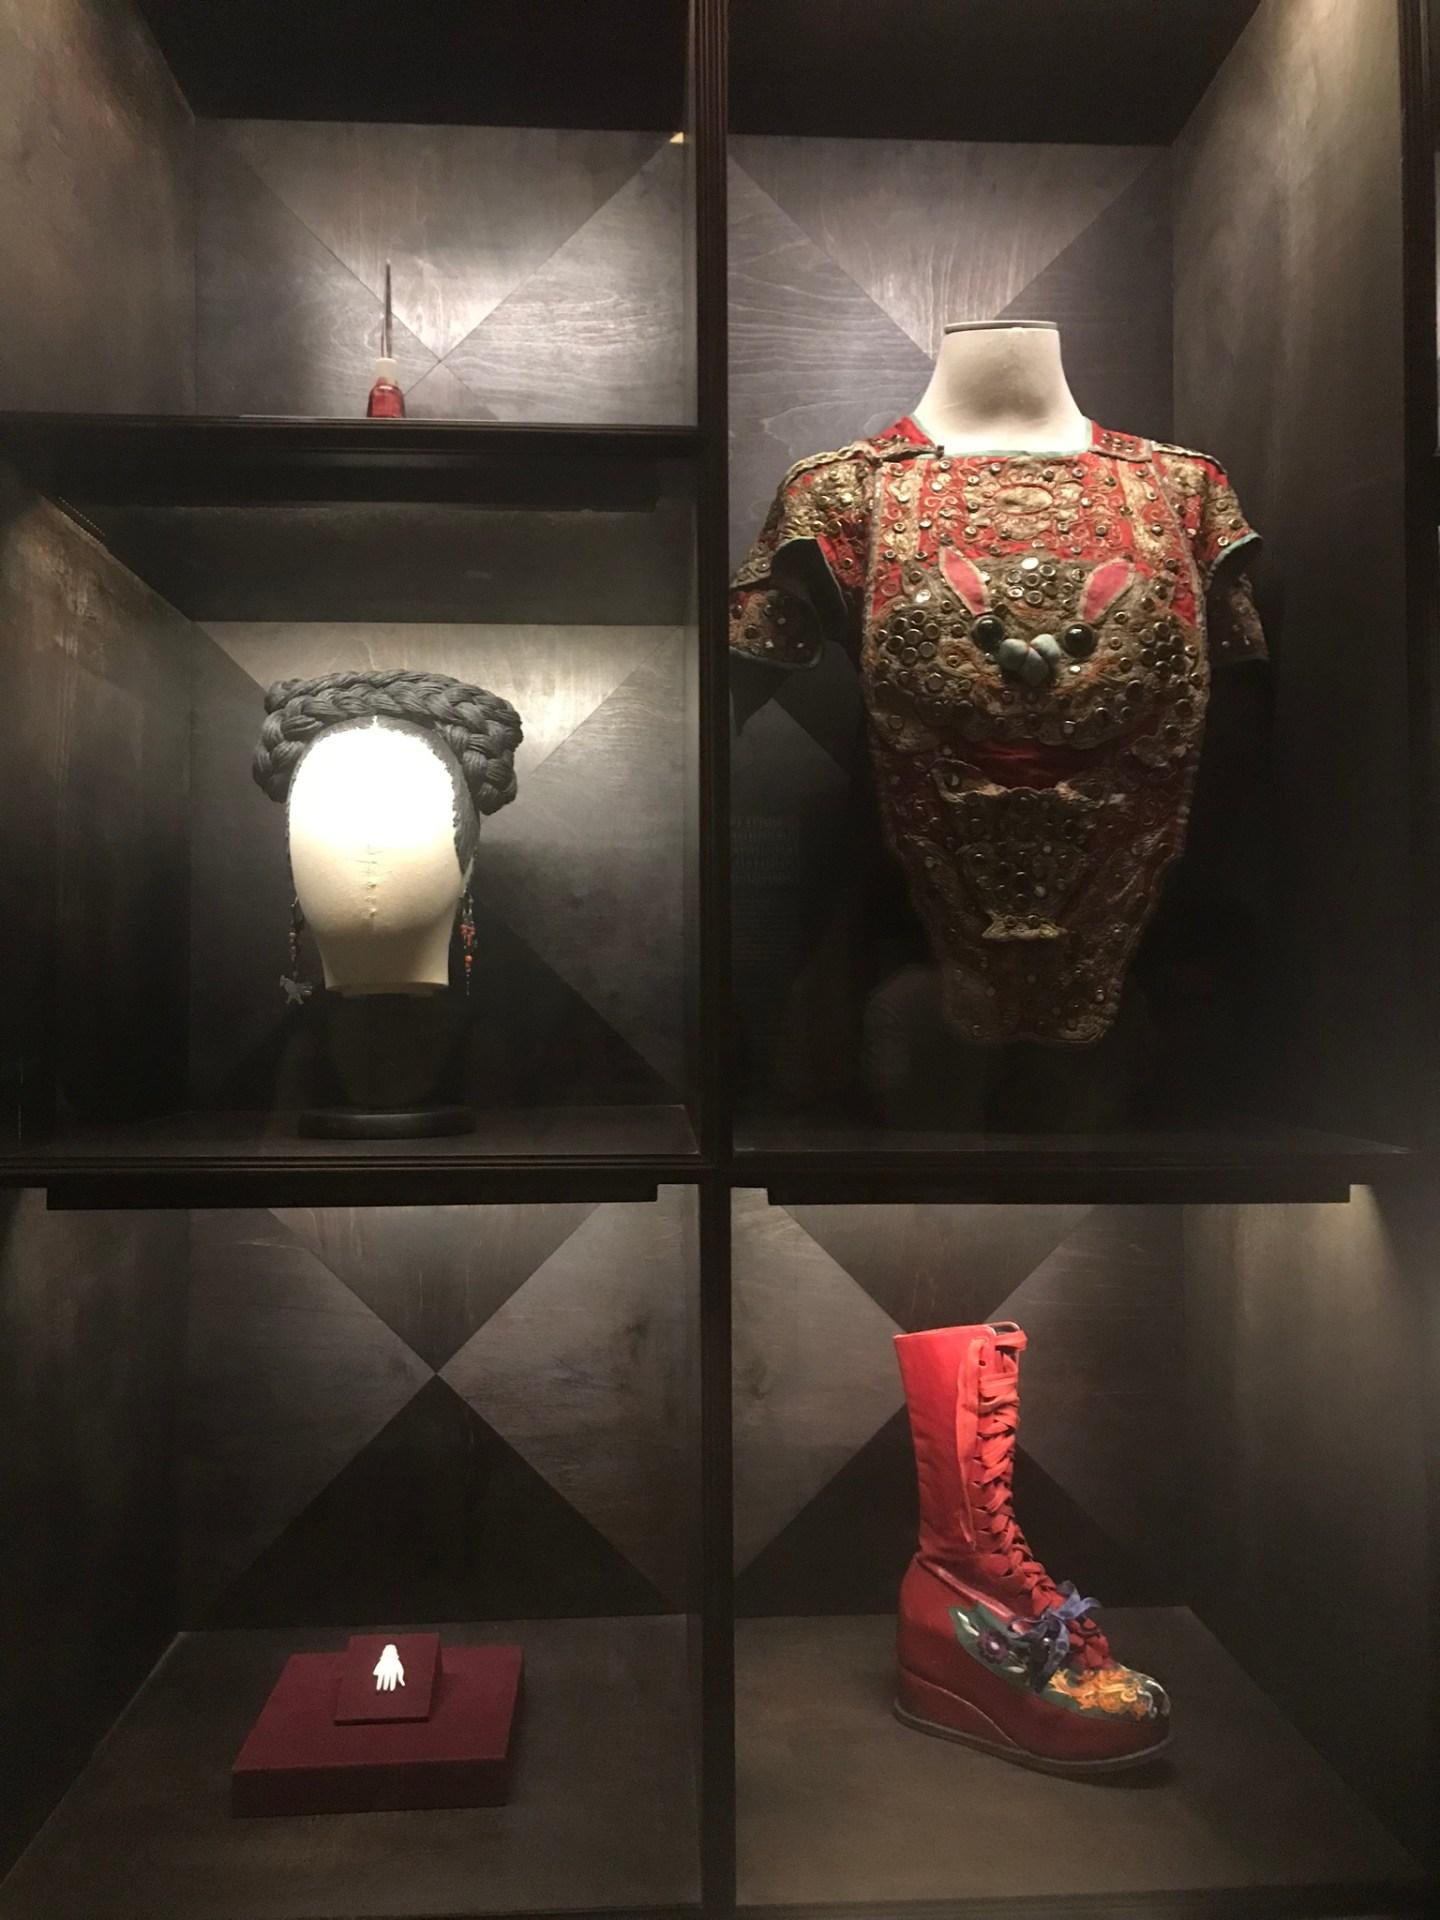 Frida Kahlo clothing, Frida Kahlo Museum